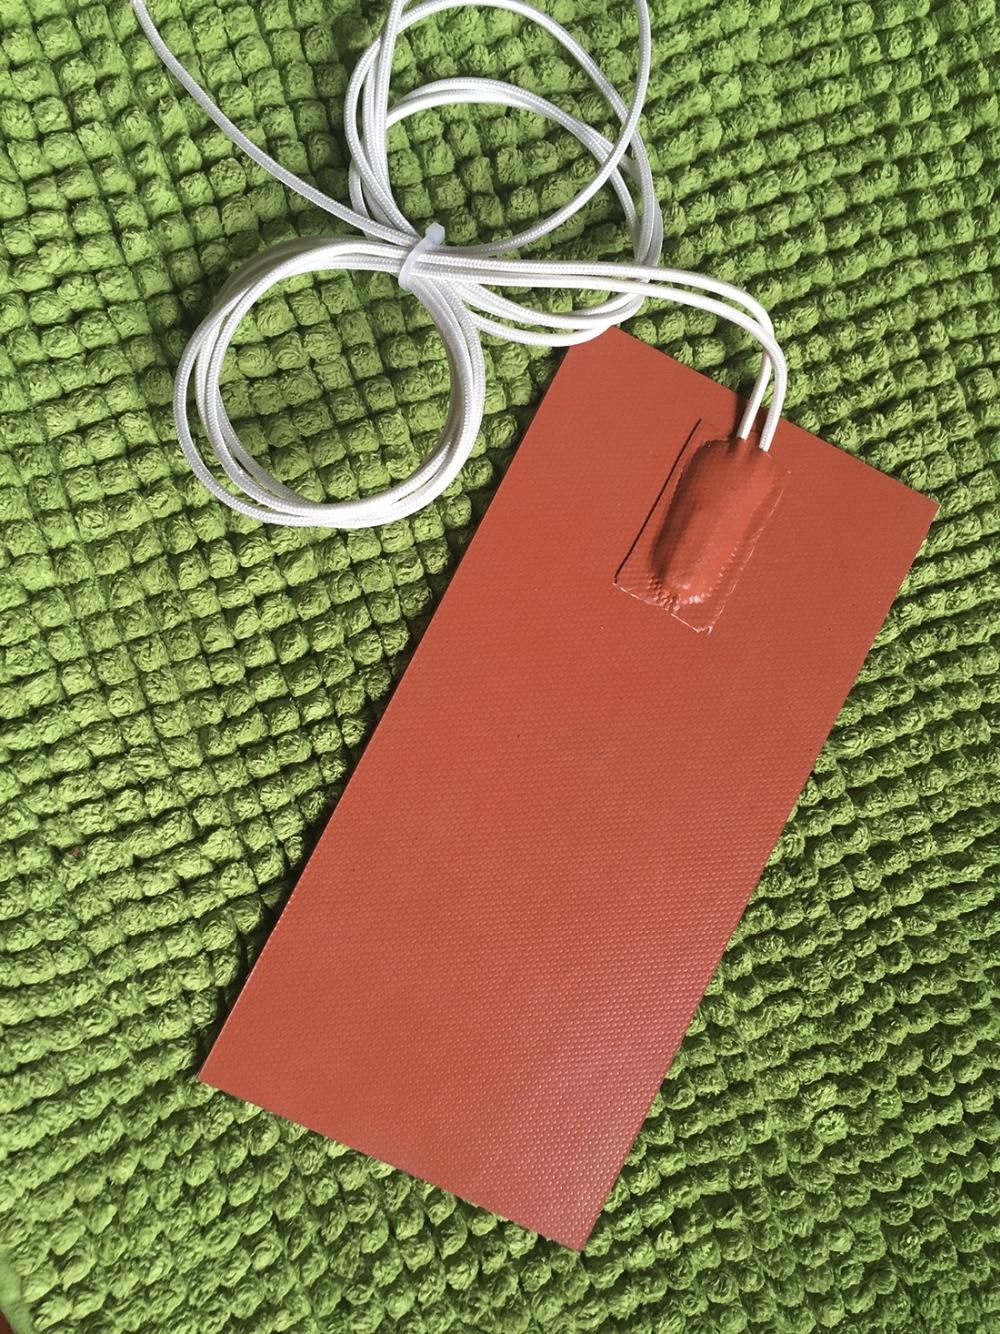 Riscaldatore flessibile della gomma di silicone riscaldatore 220 v 250 w 120*200mm calore riscaldatore di olio di riscaldamento elettrico riscaldato termostato 80C